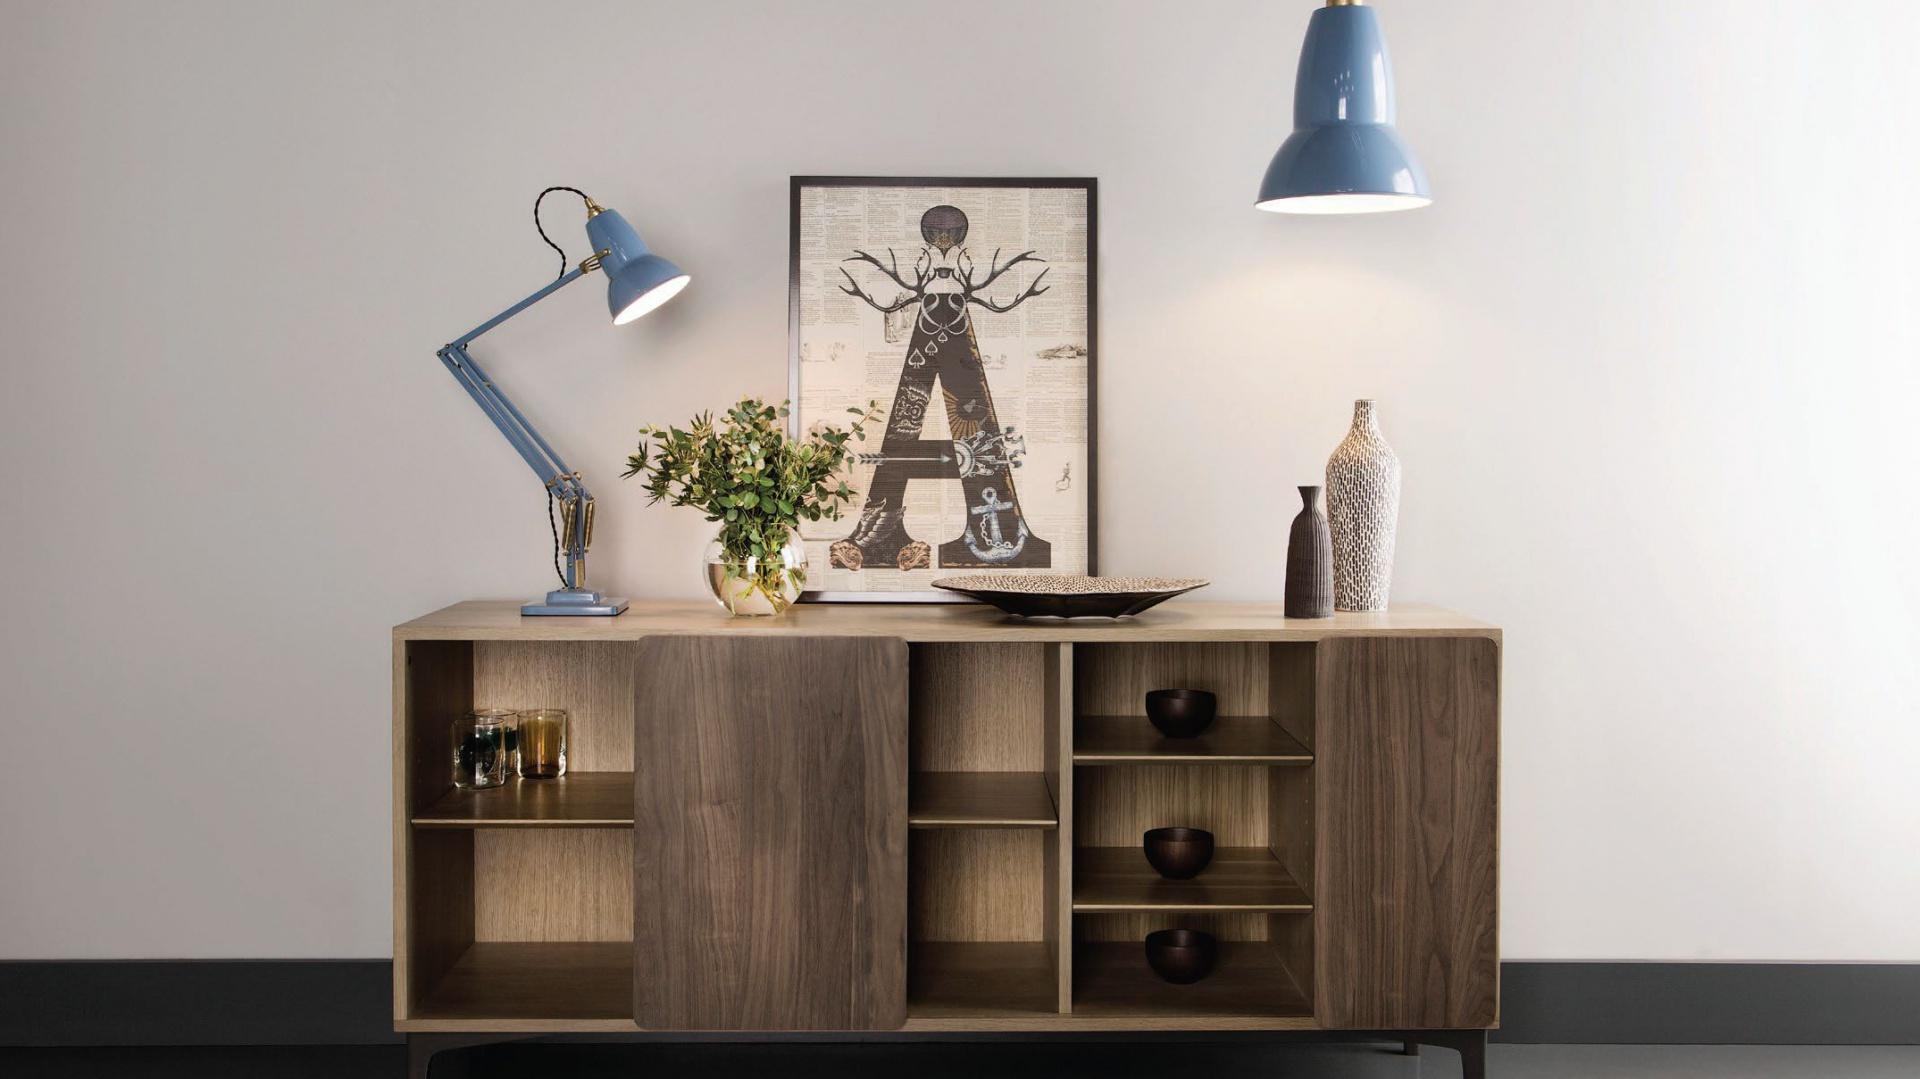 Lampa stołowa i podłogowa w błękitnym kolorze z kolekcji 1227 marki Anglepoise. Fot. Anglepoise.